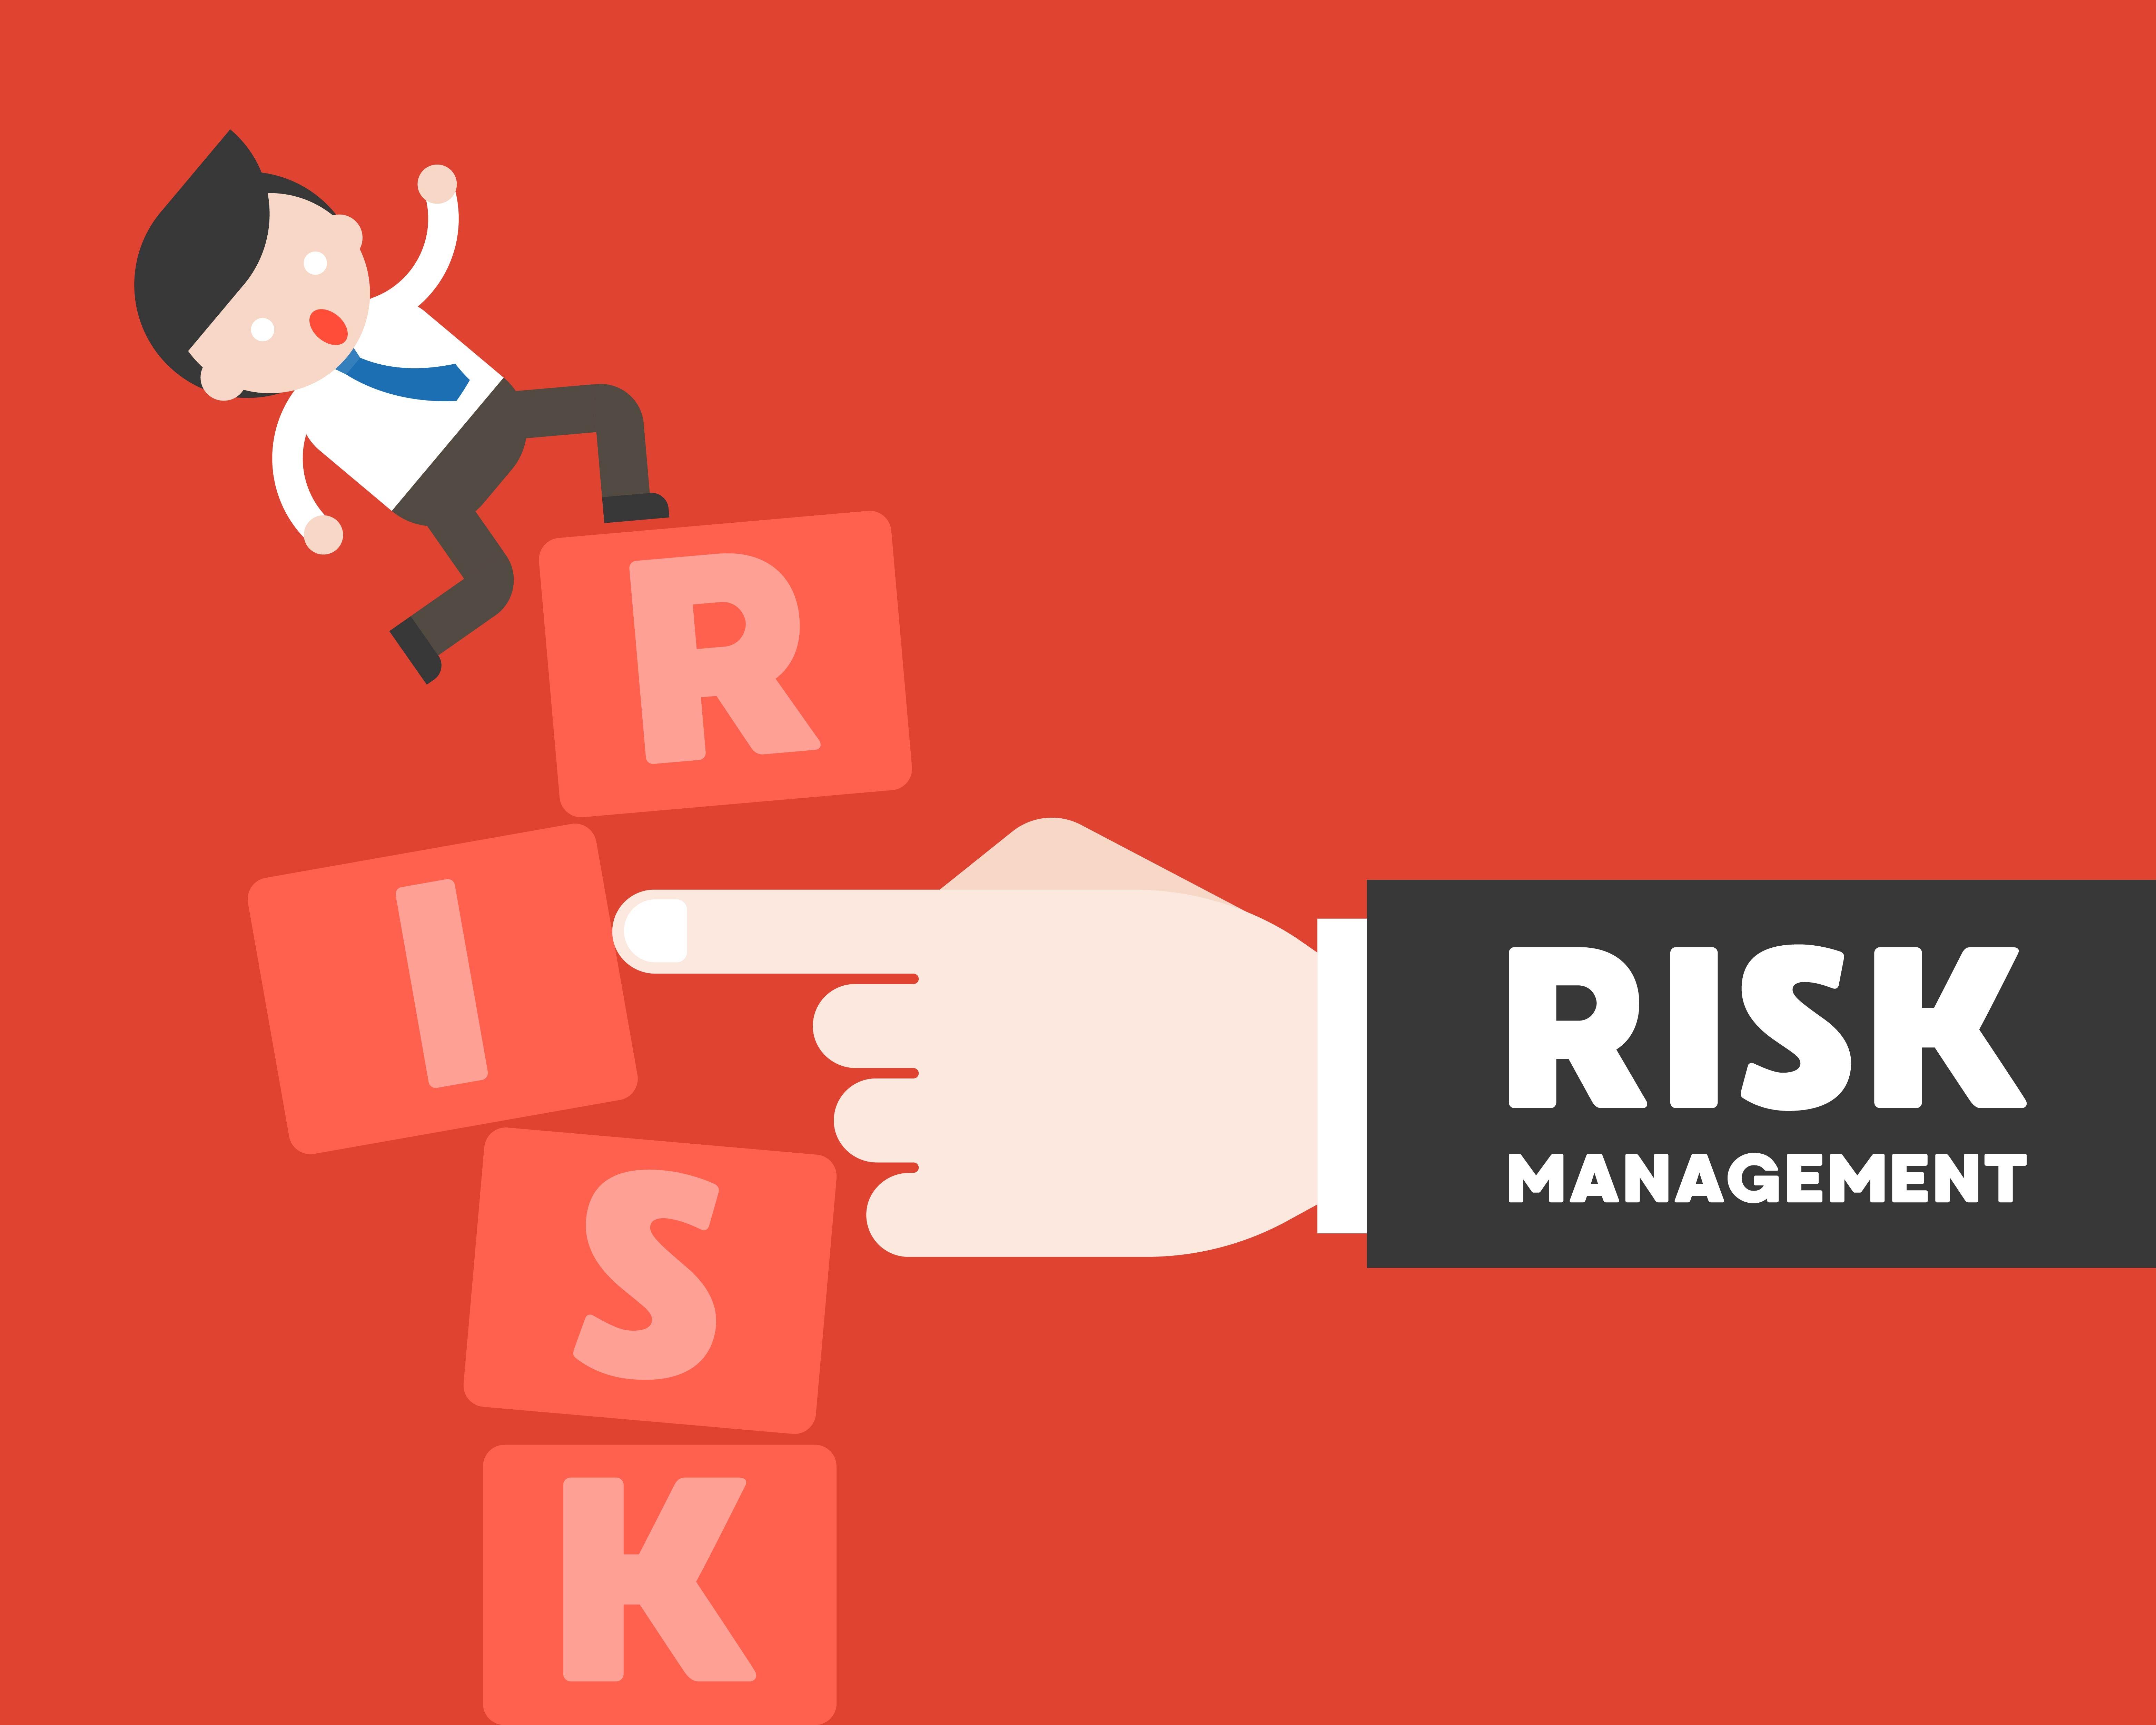 デジタル強化の施策で、WEBサイト改善が後回しになることで生じるリスク